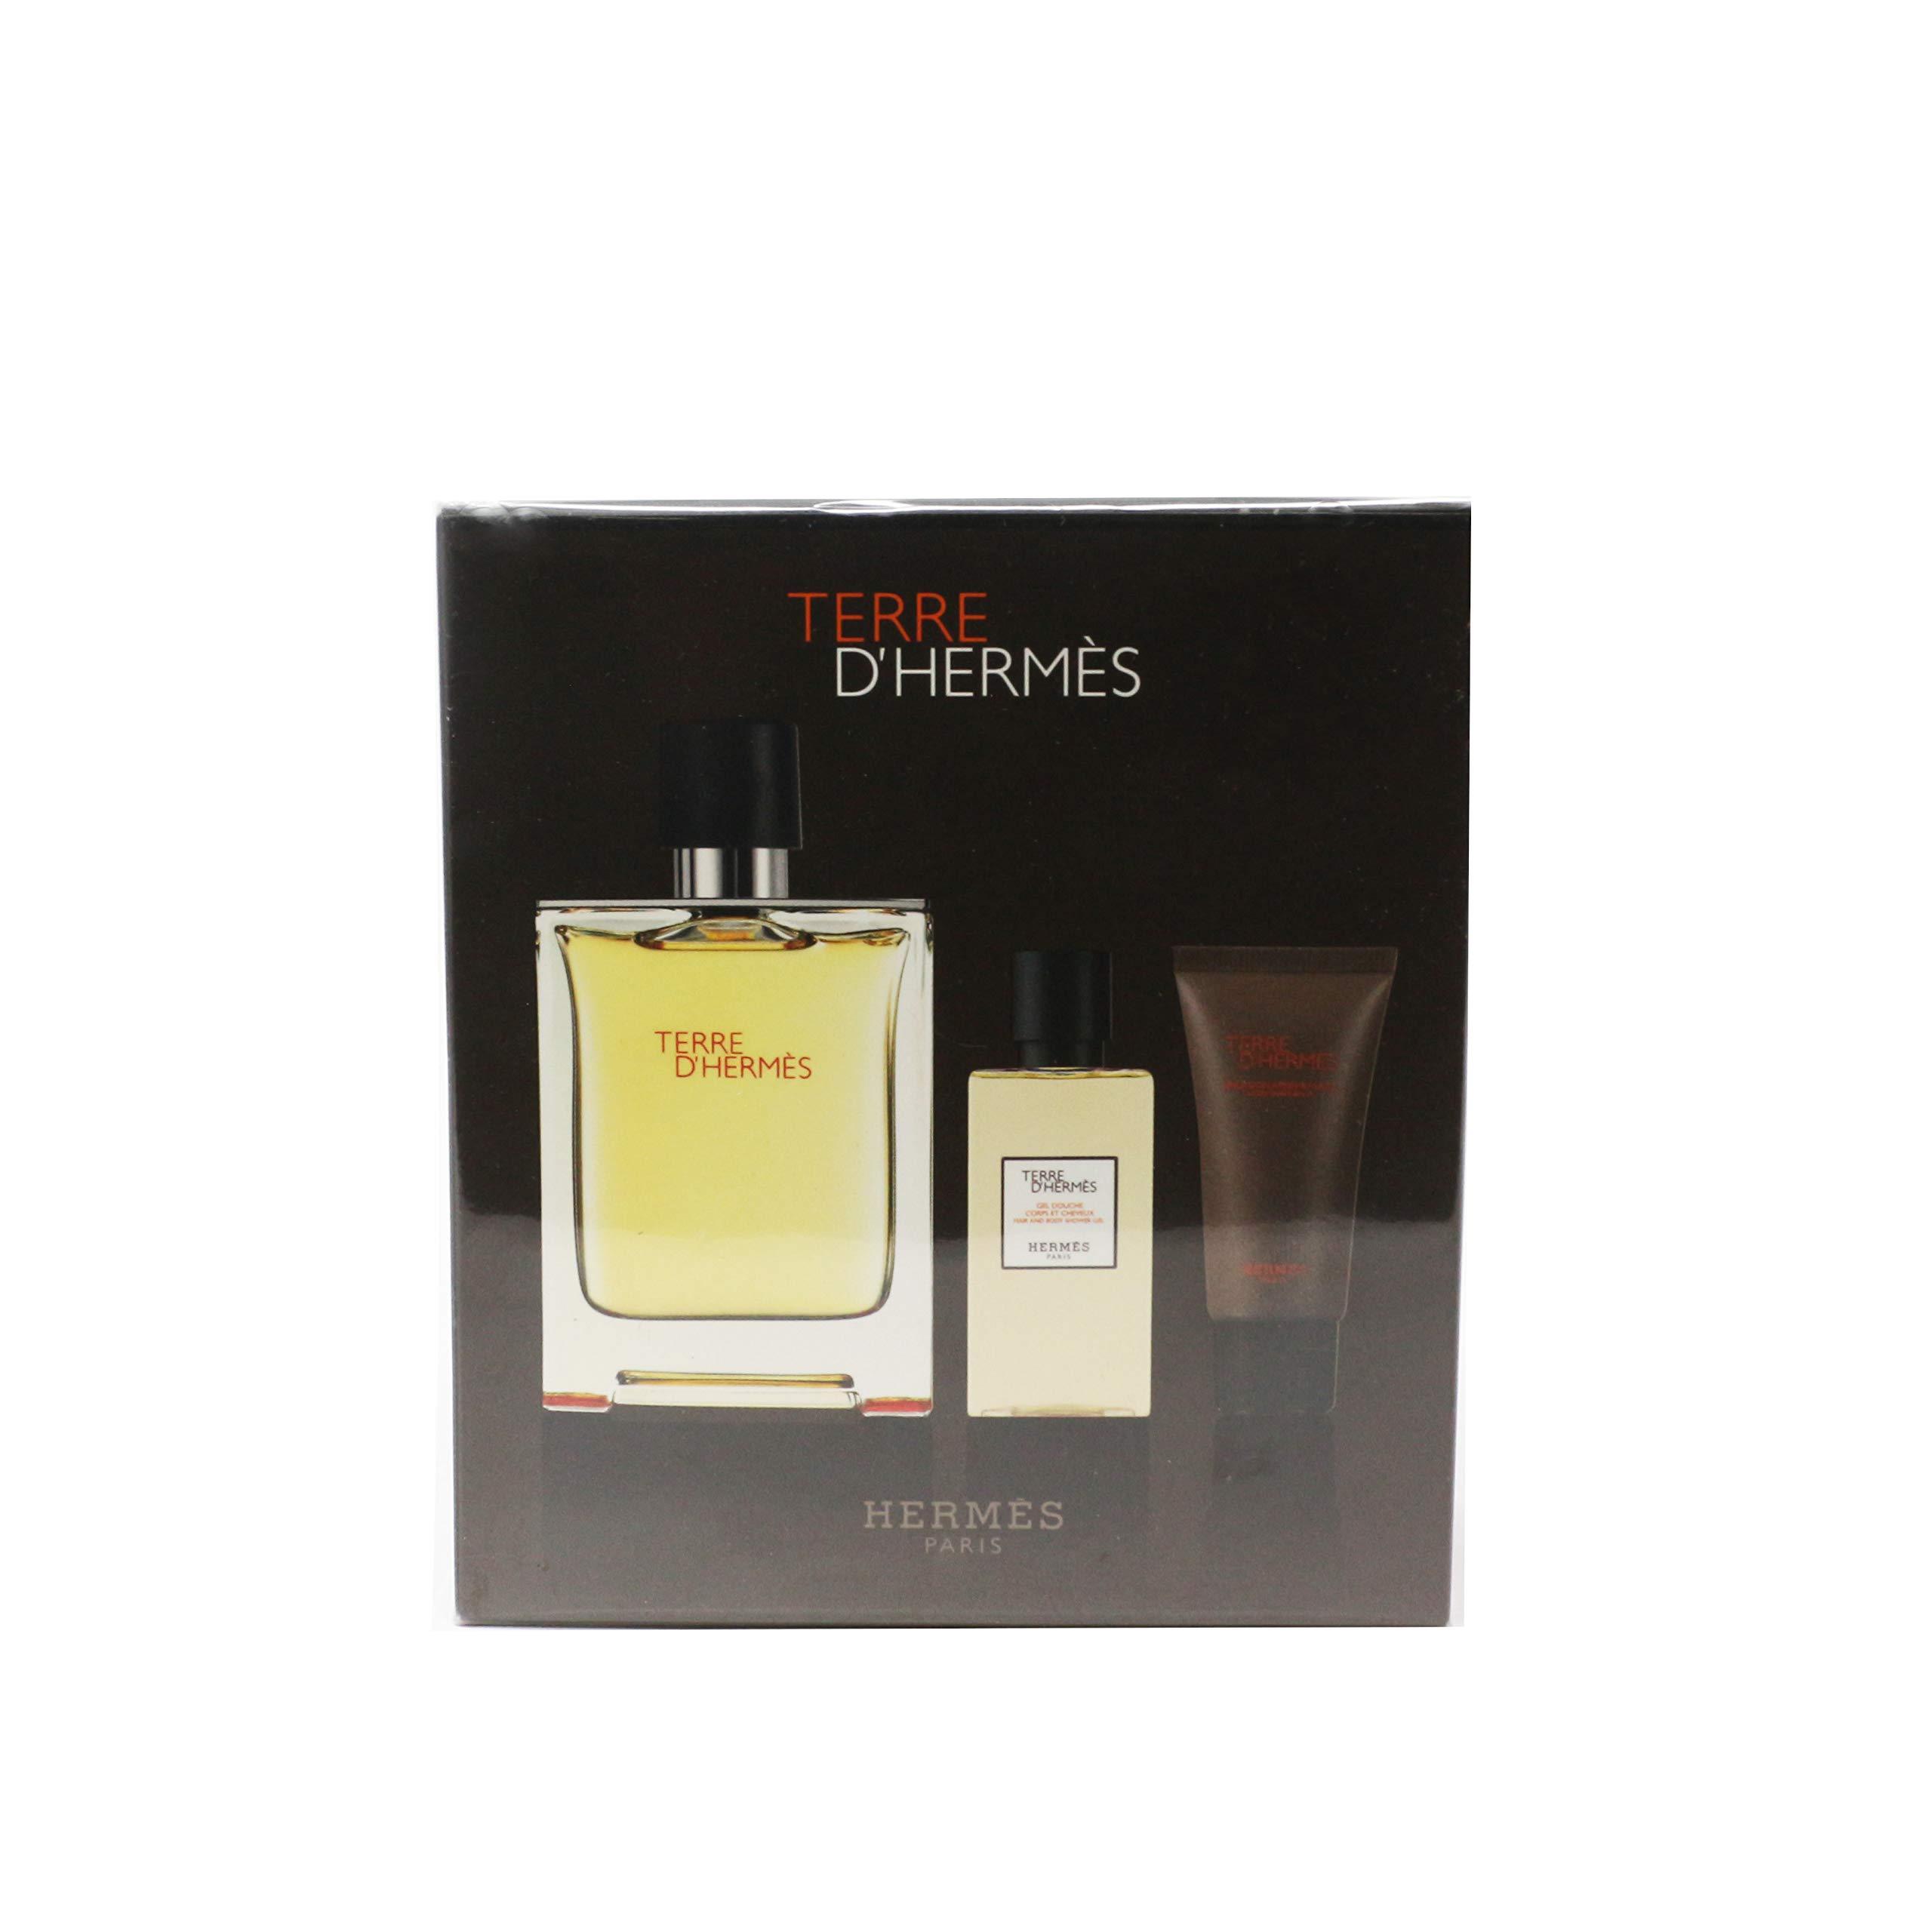 Hermes Terre D'hermes For Men 3-Piece Gift Set New In Box